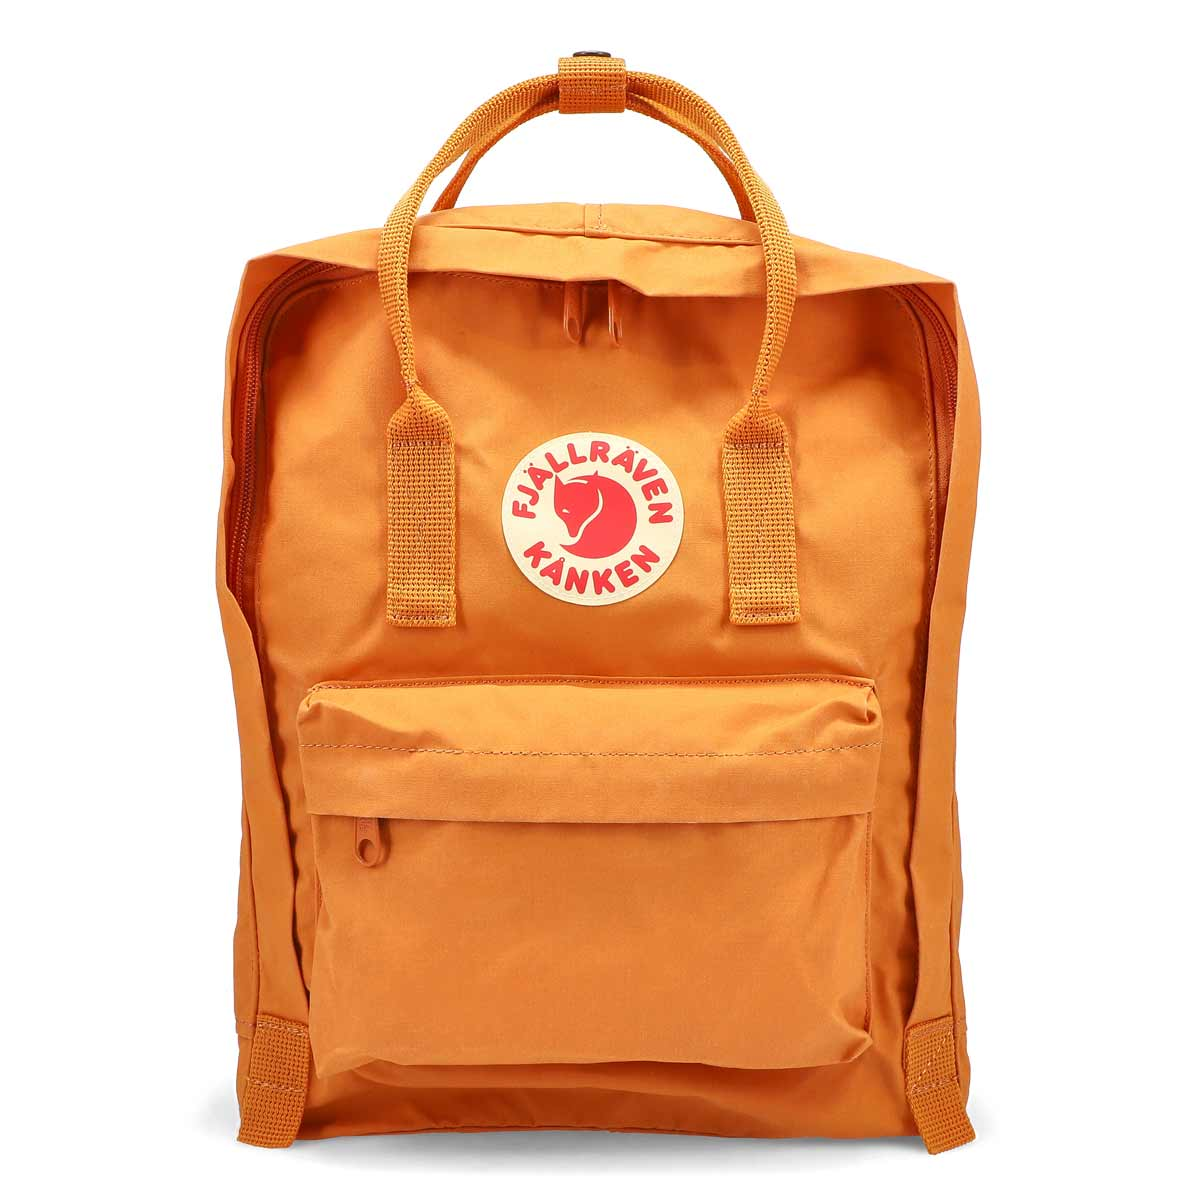 Fjallraven Kanken Backpack - Spicy Orange